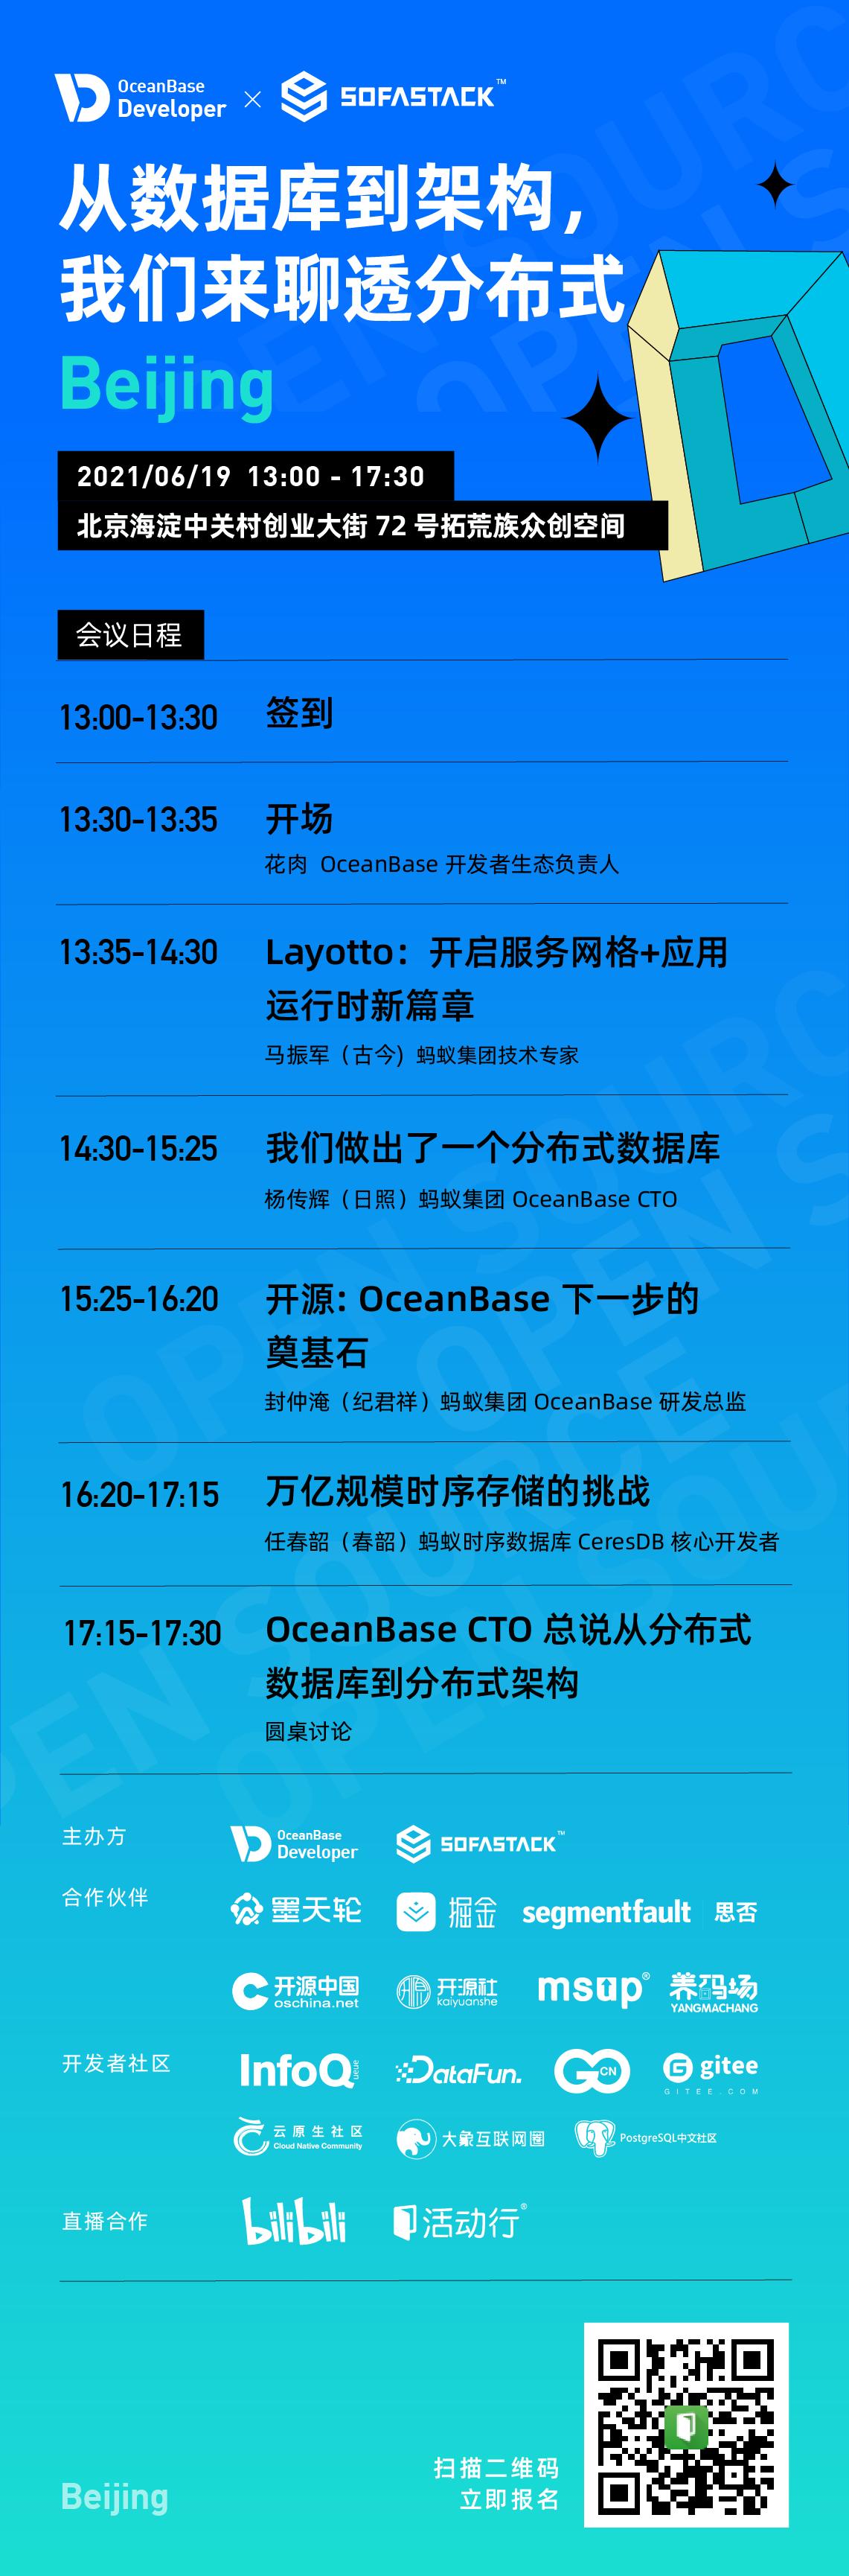 meetup北京-2_海报-二维码 副本.png